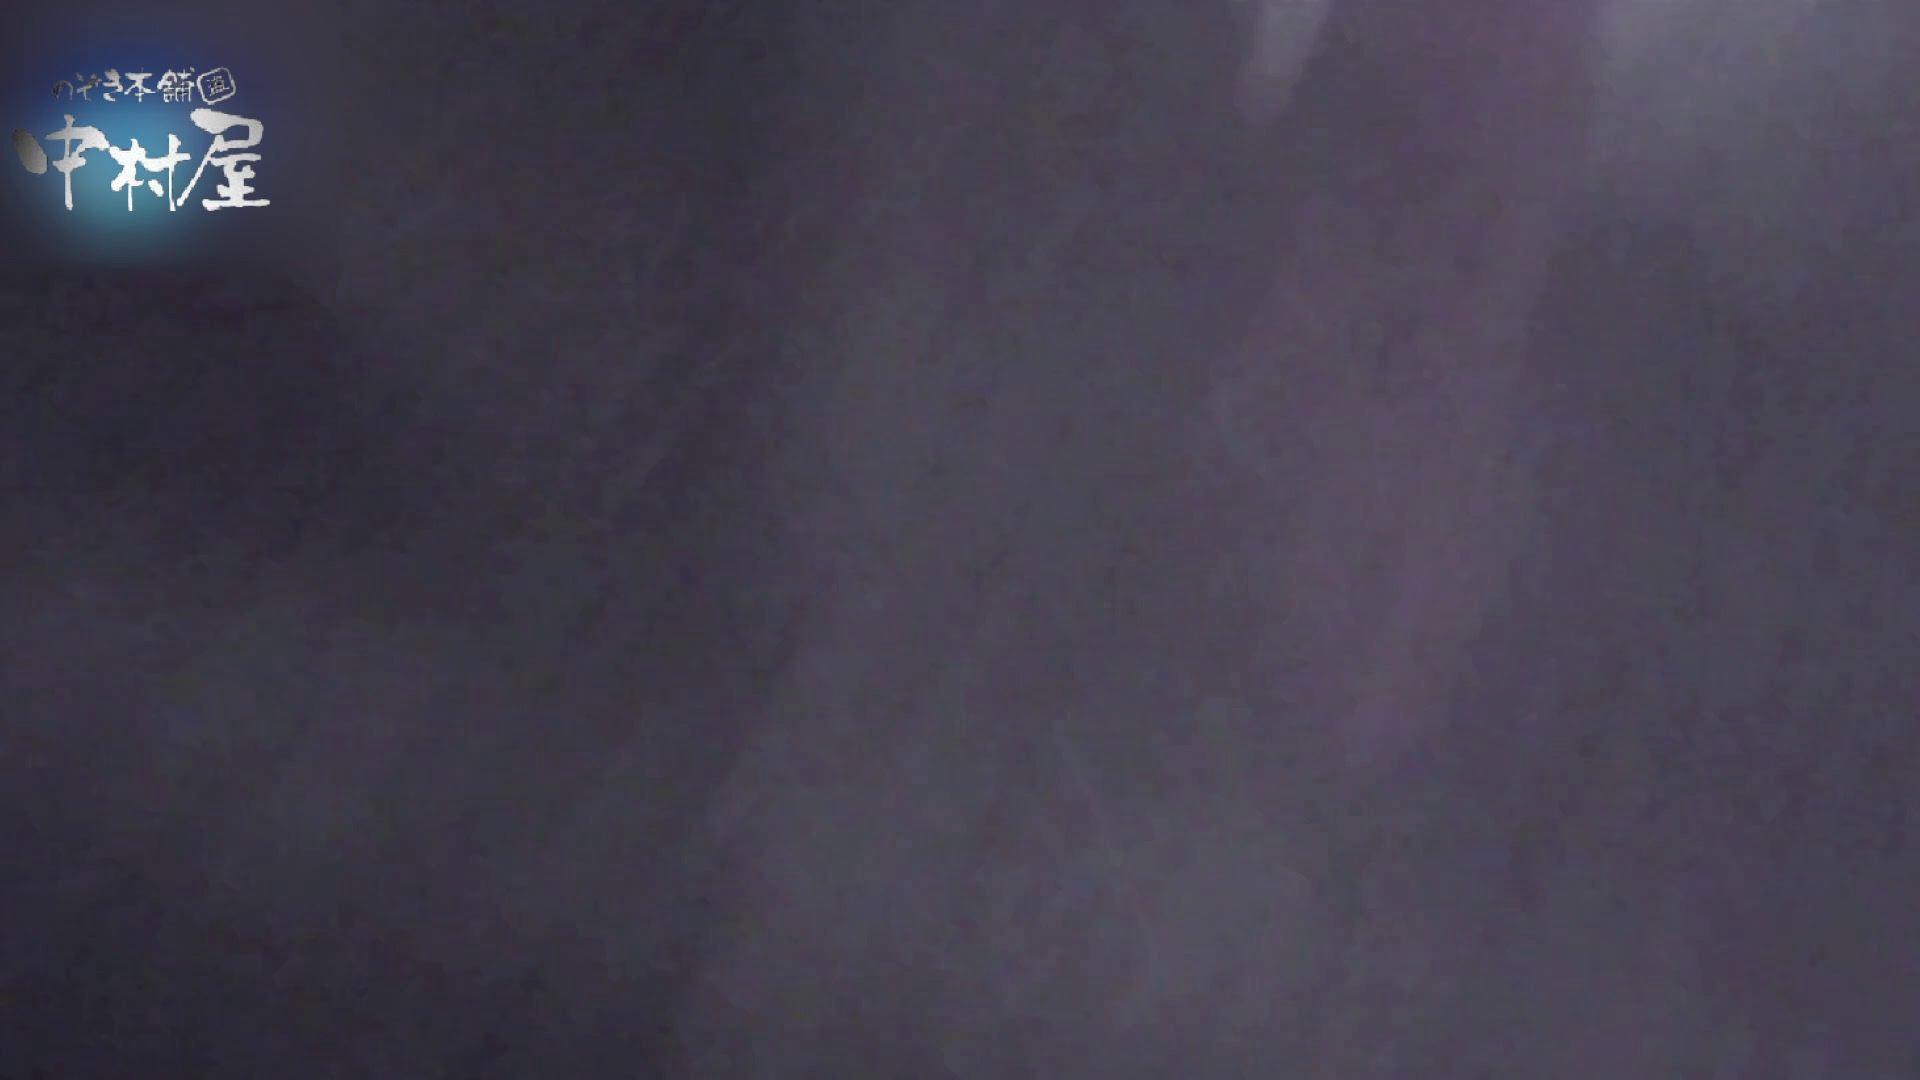 乙女集まる!ショッピングモール潜入撮vol.07 和式   OLセックス  102画像 43